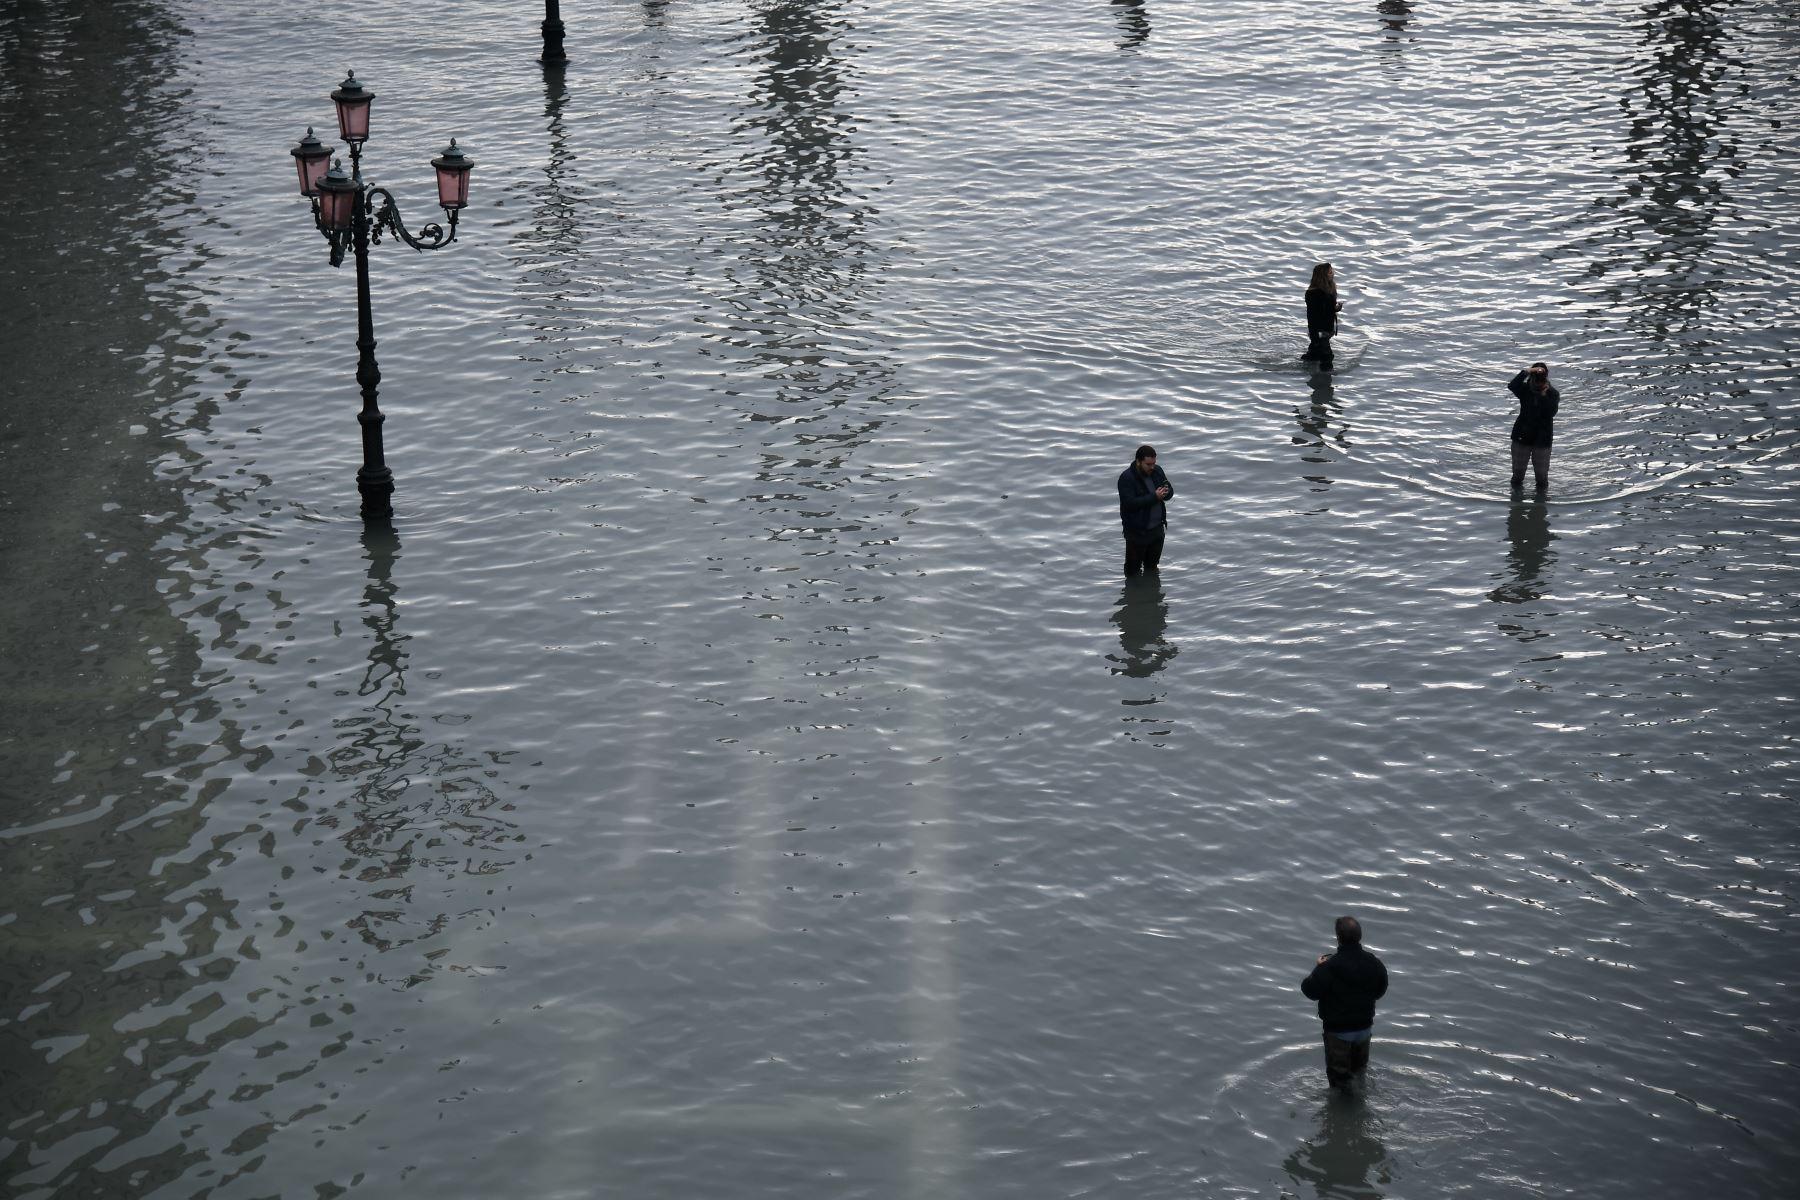 La gente camina y toma fotos en la inundada Plaza de San Marcos después de un excepcional nivel de agua durante la marea alta en Venecia. Foto: AFP